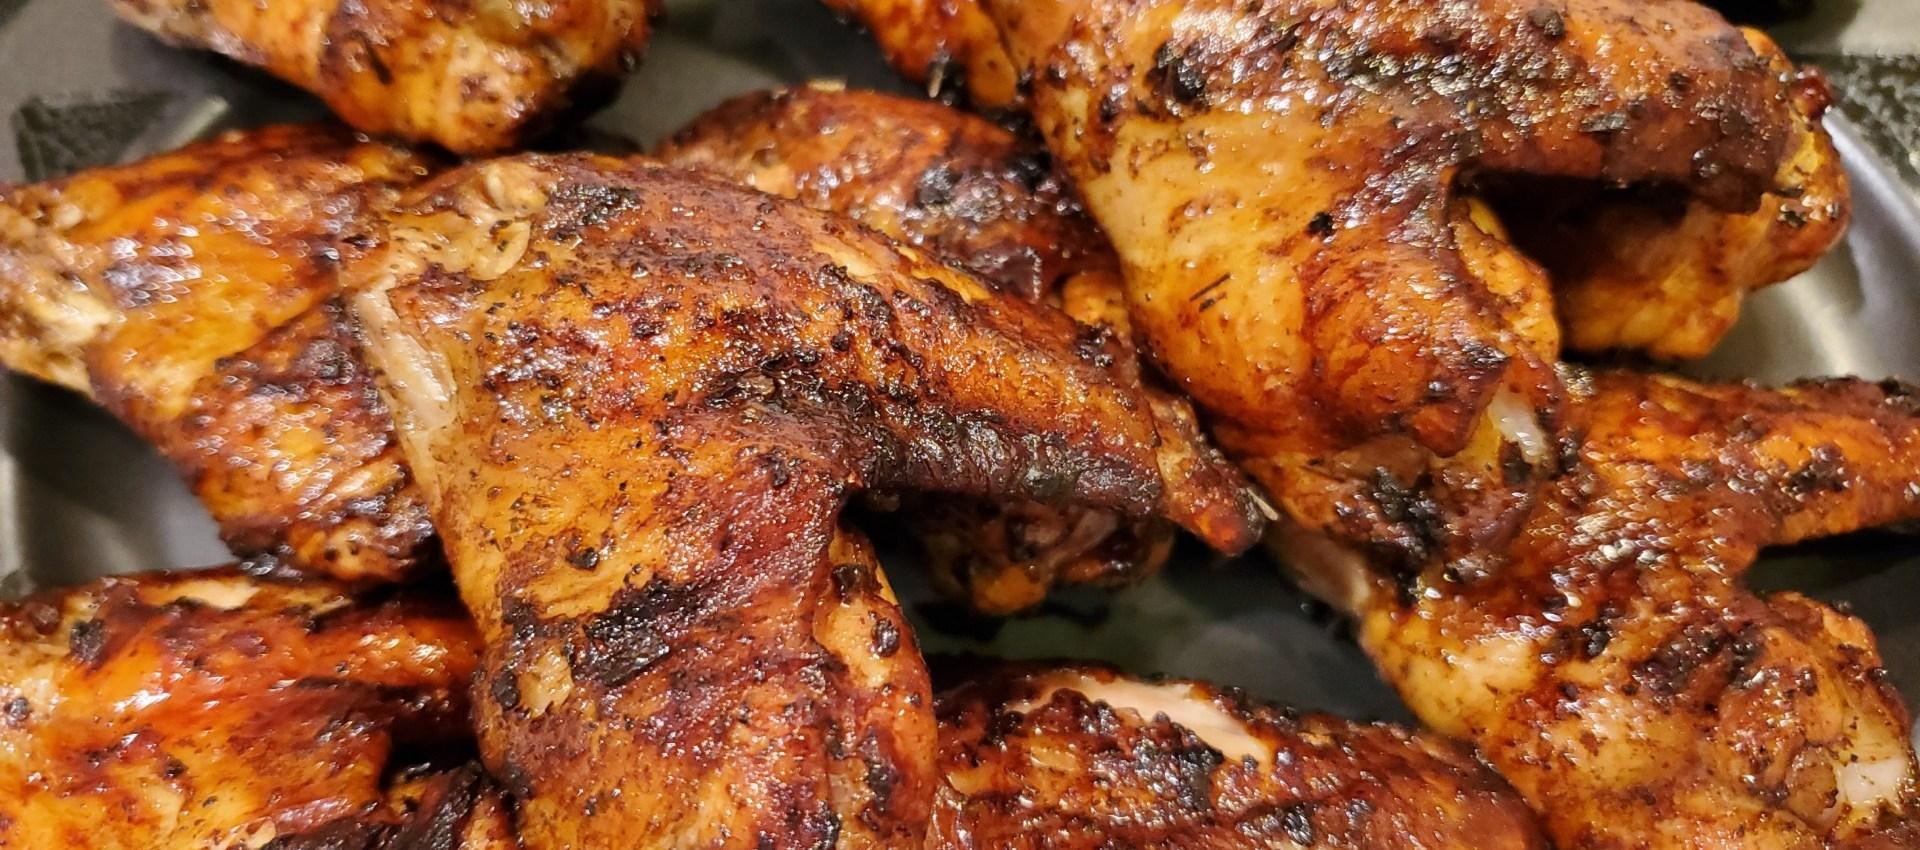 MarcoPollo Chicken